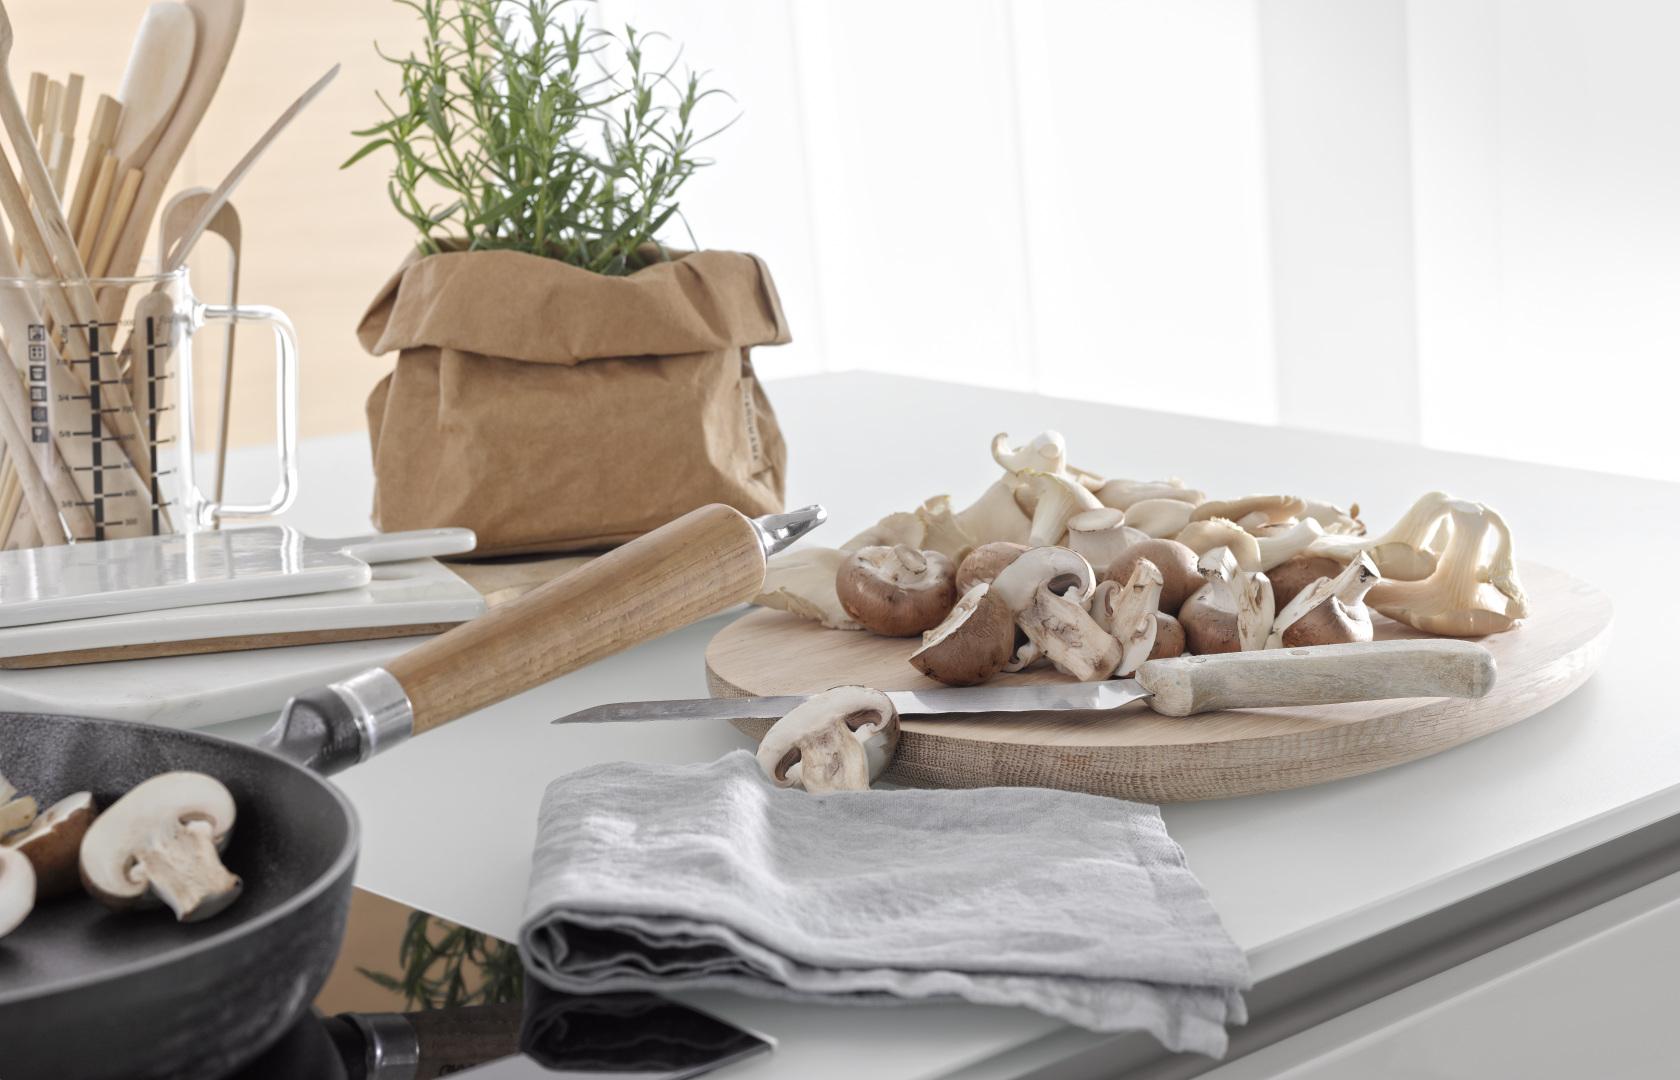 nolte küchen online kaufen - top beratung | küchenexperte - Nolte Küchen Online Kaufen